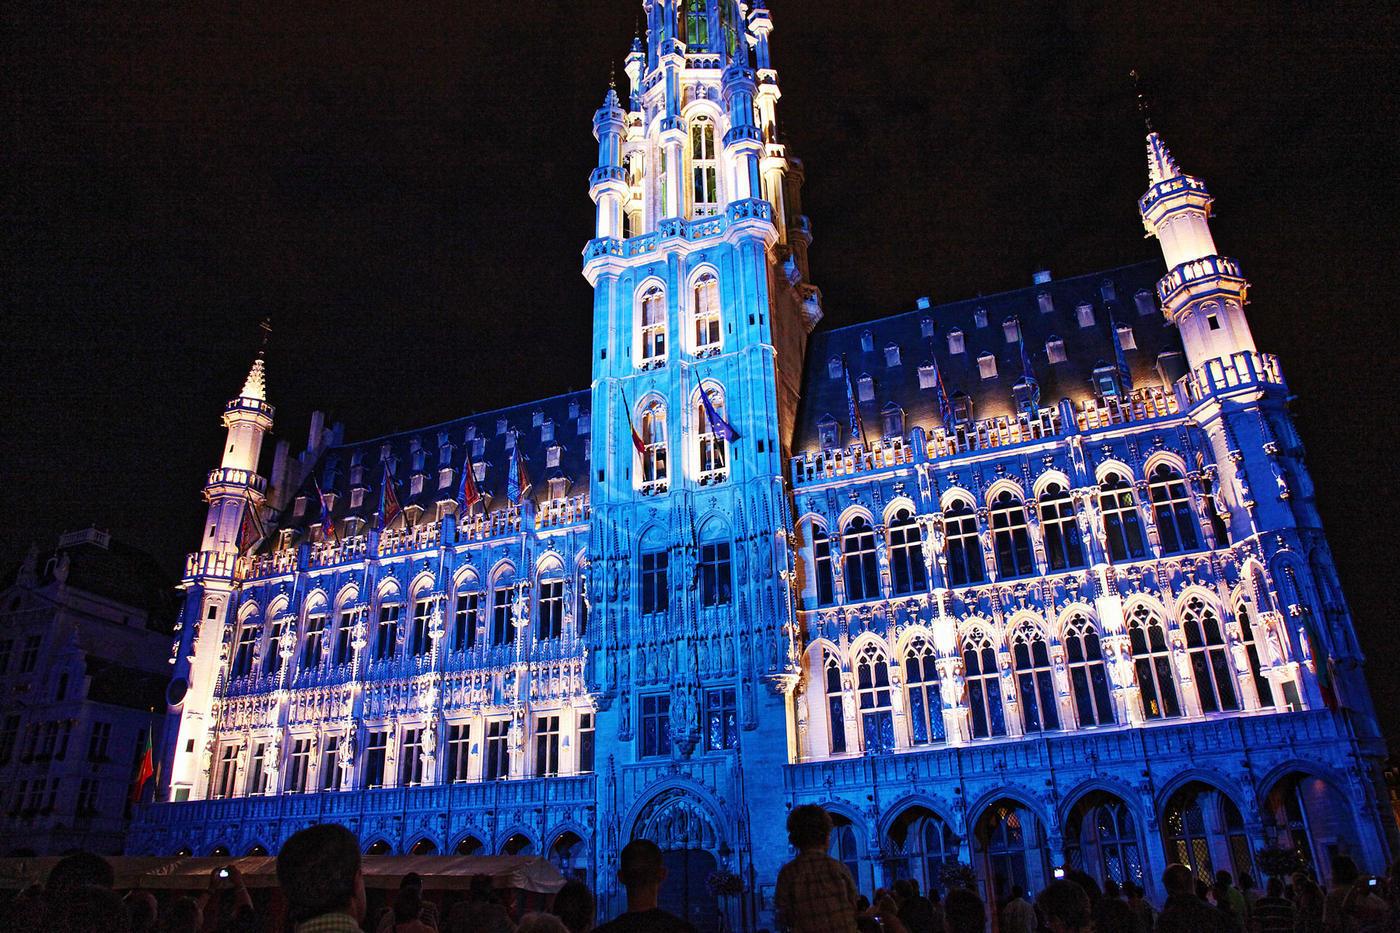 ブリュッセルのグラン-プラス夜景